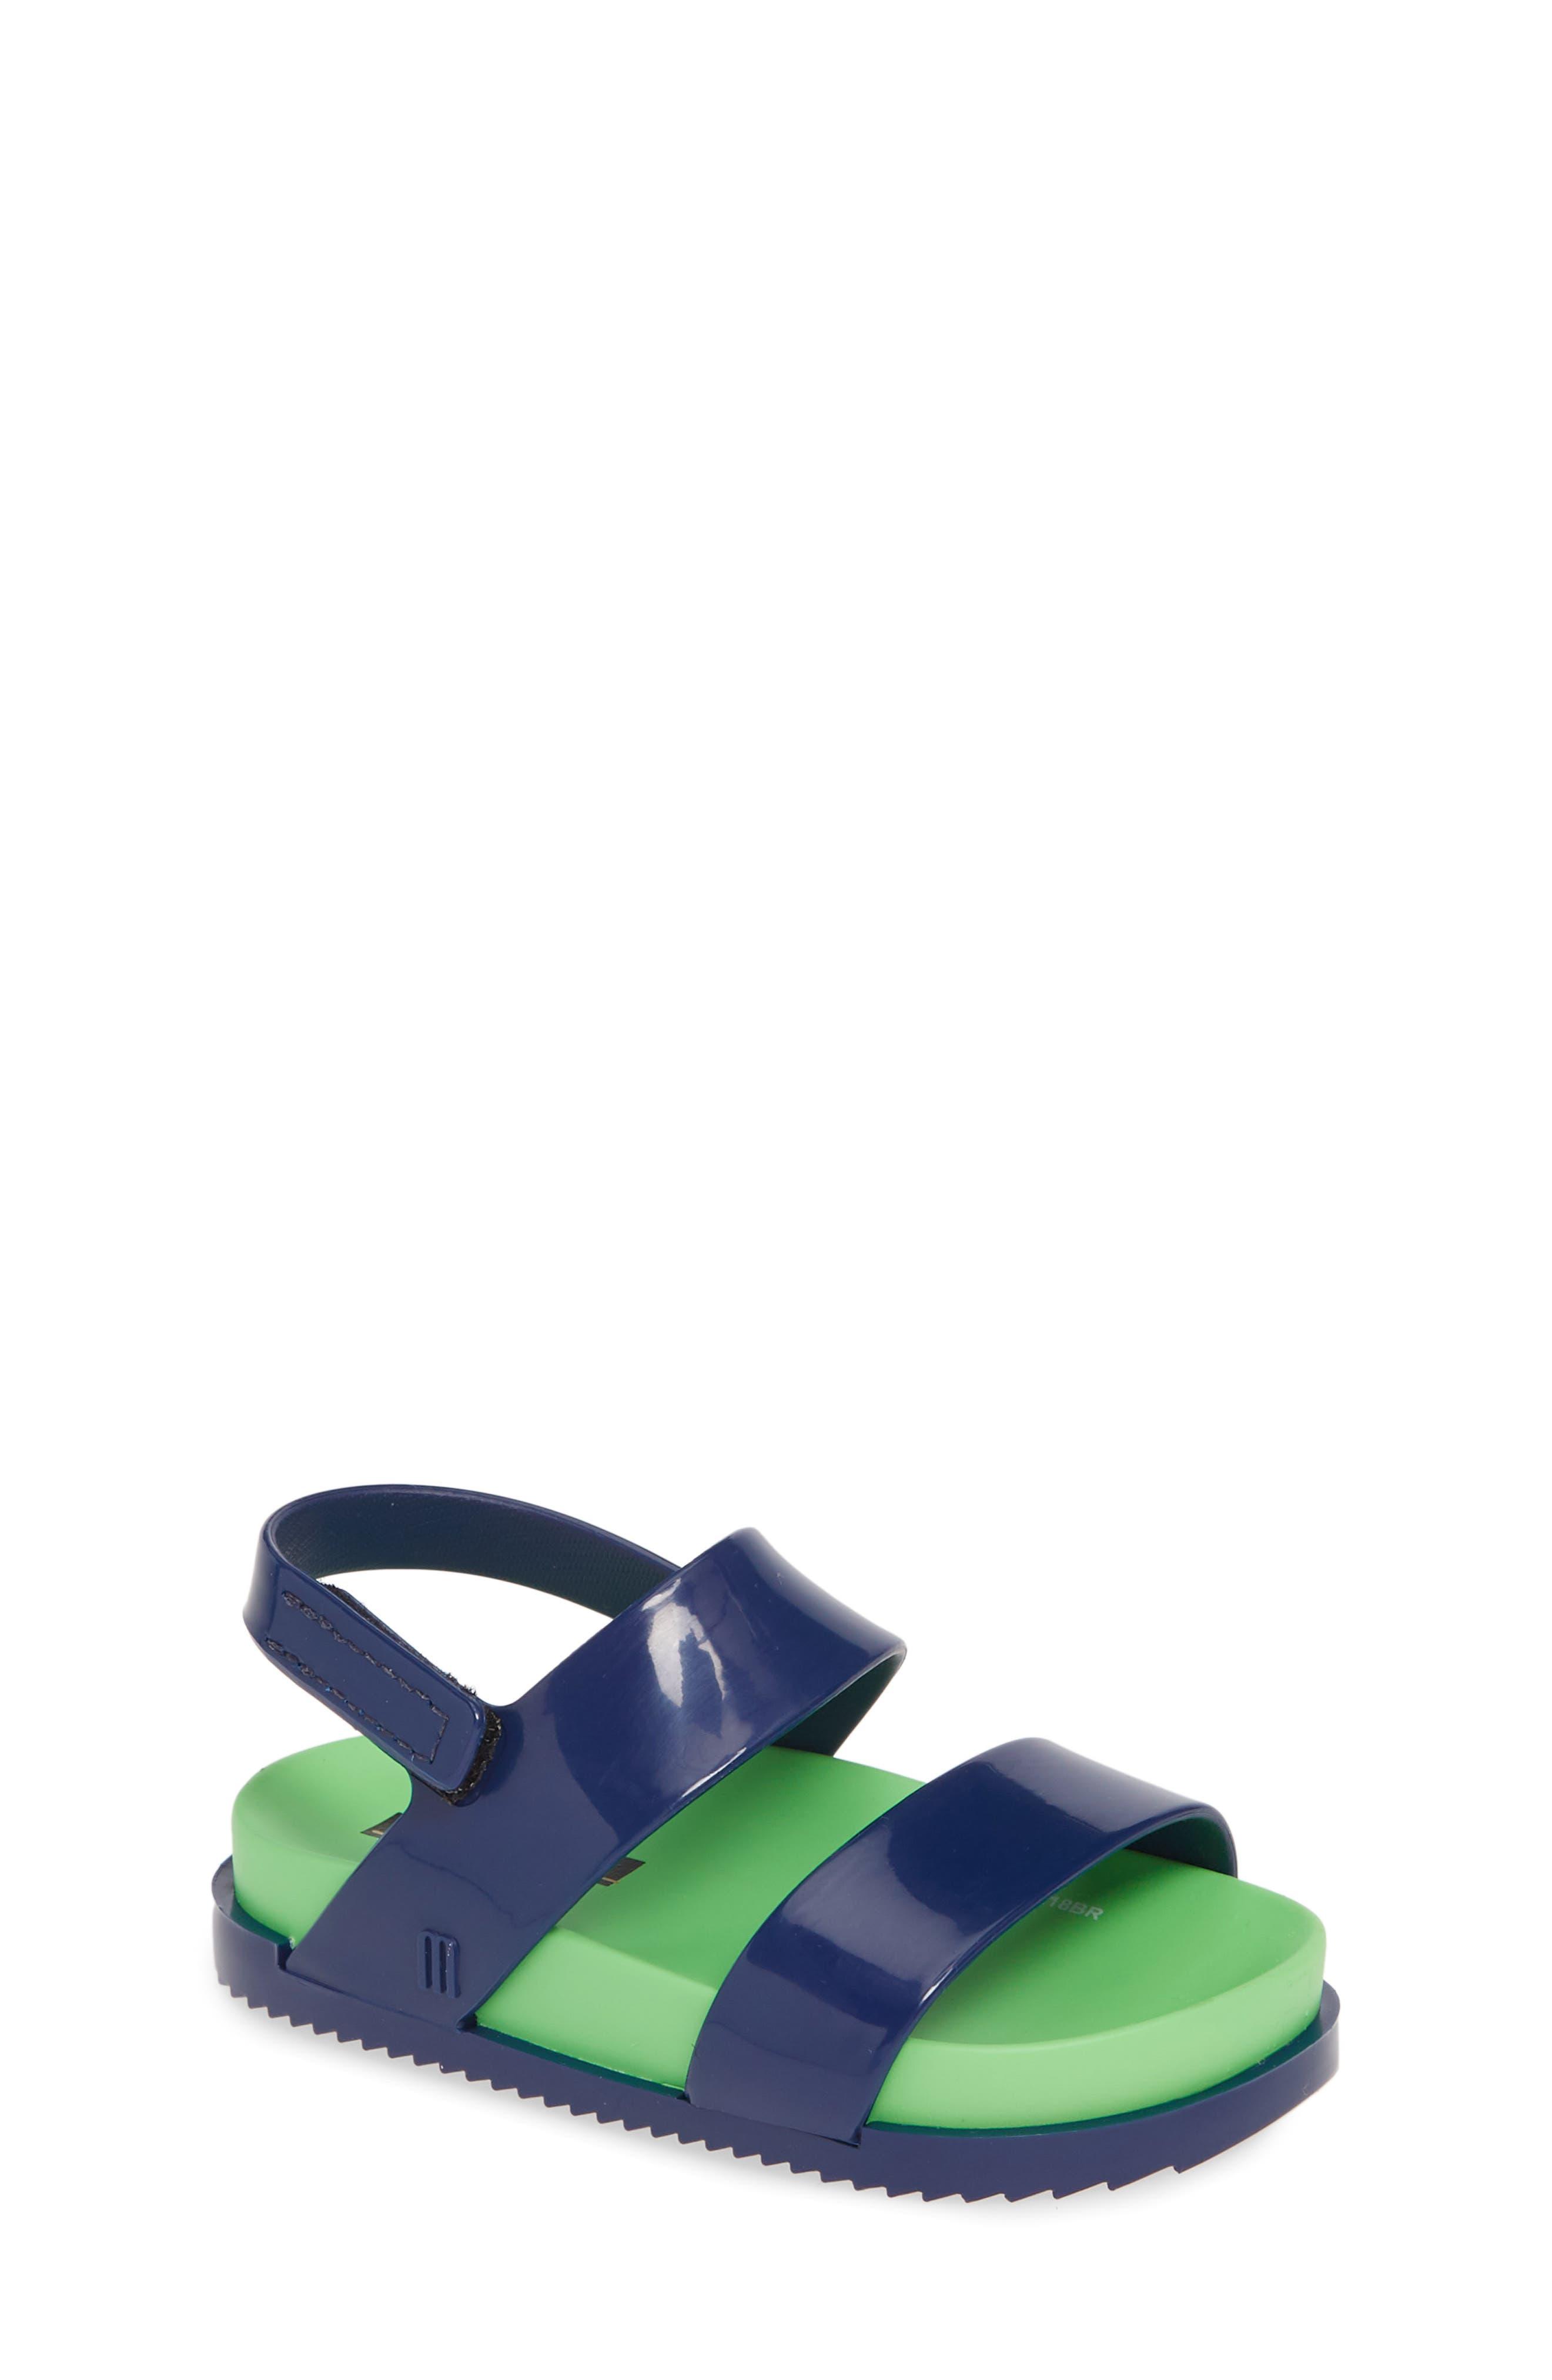 60c7eac70 Mini Melissa Kids  Shoes